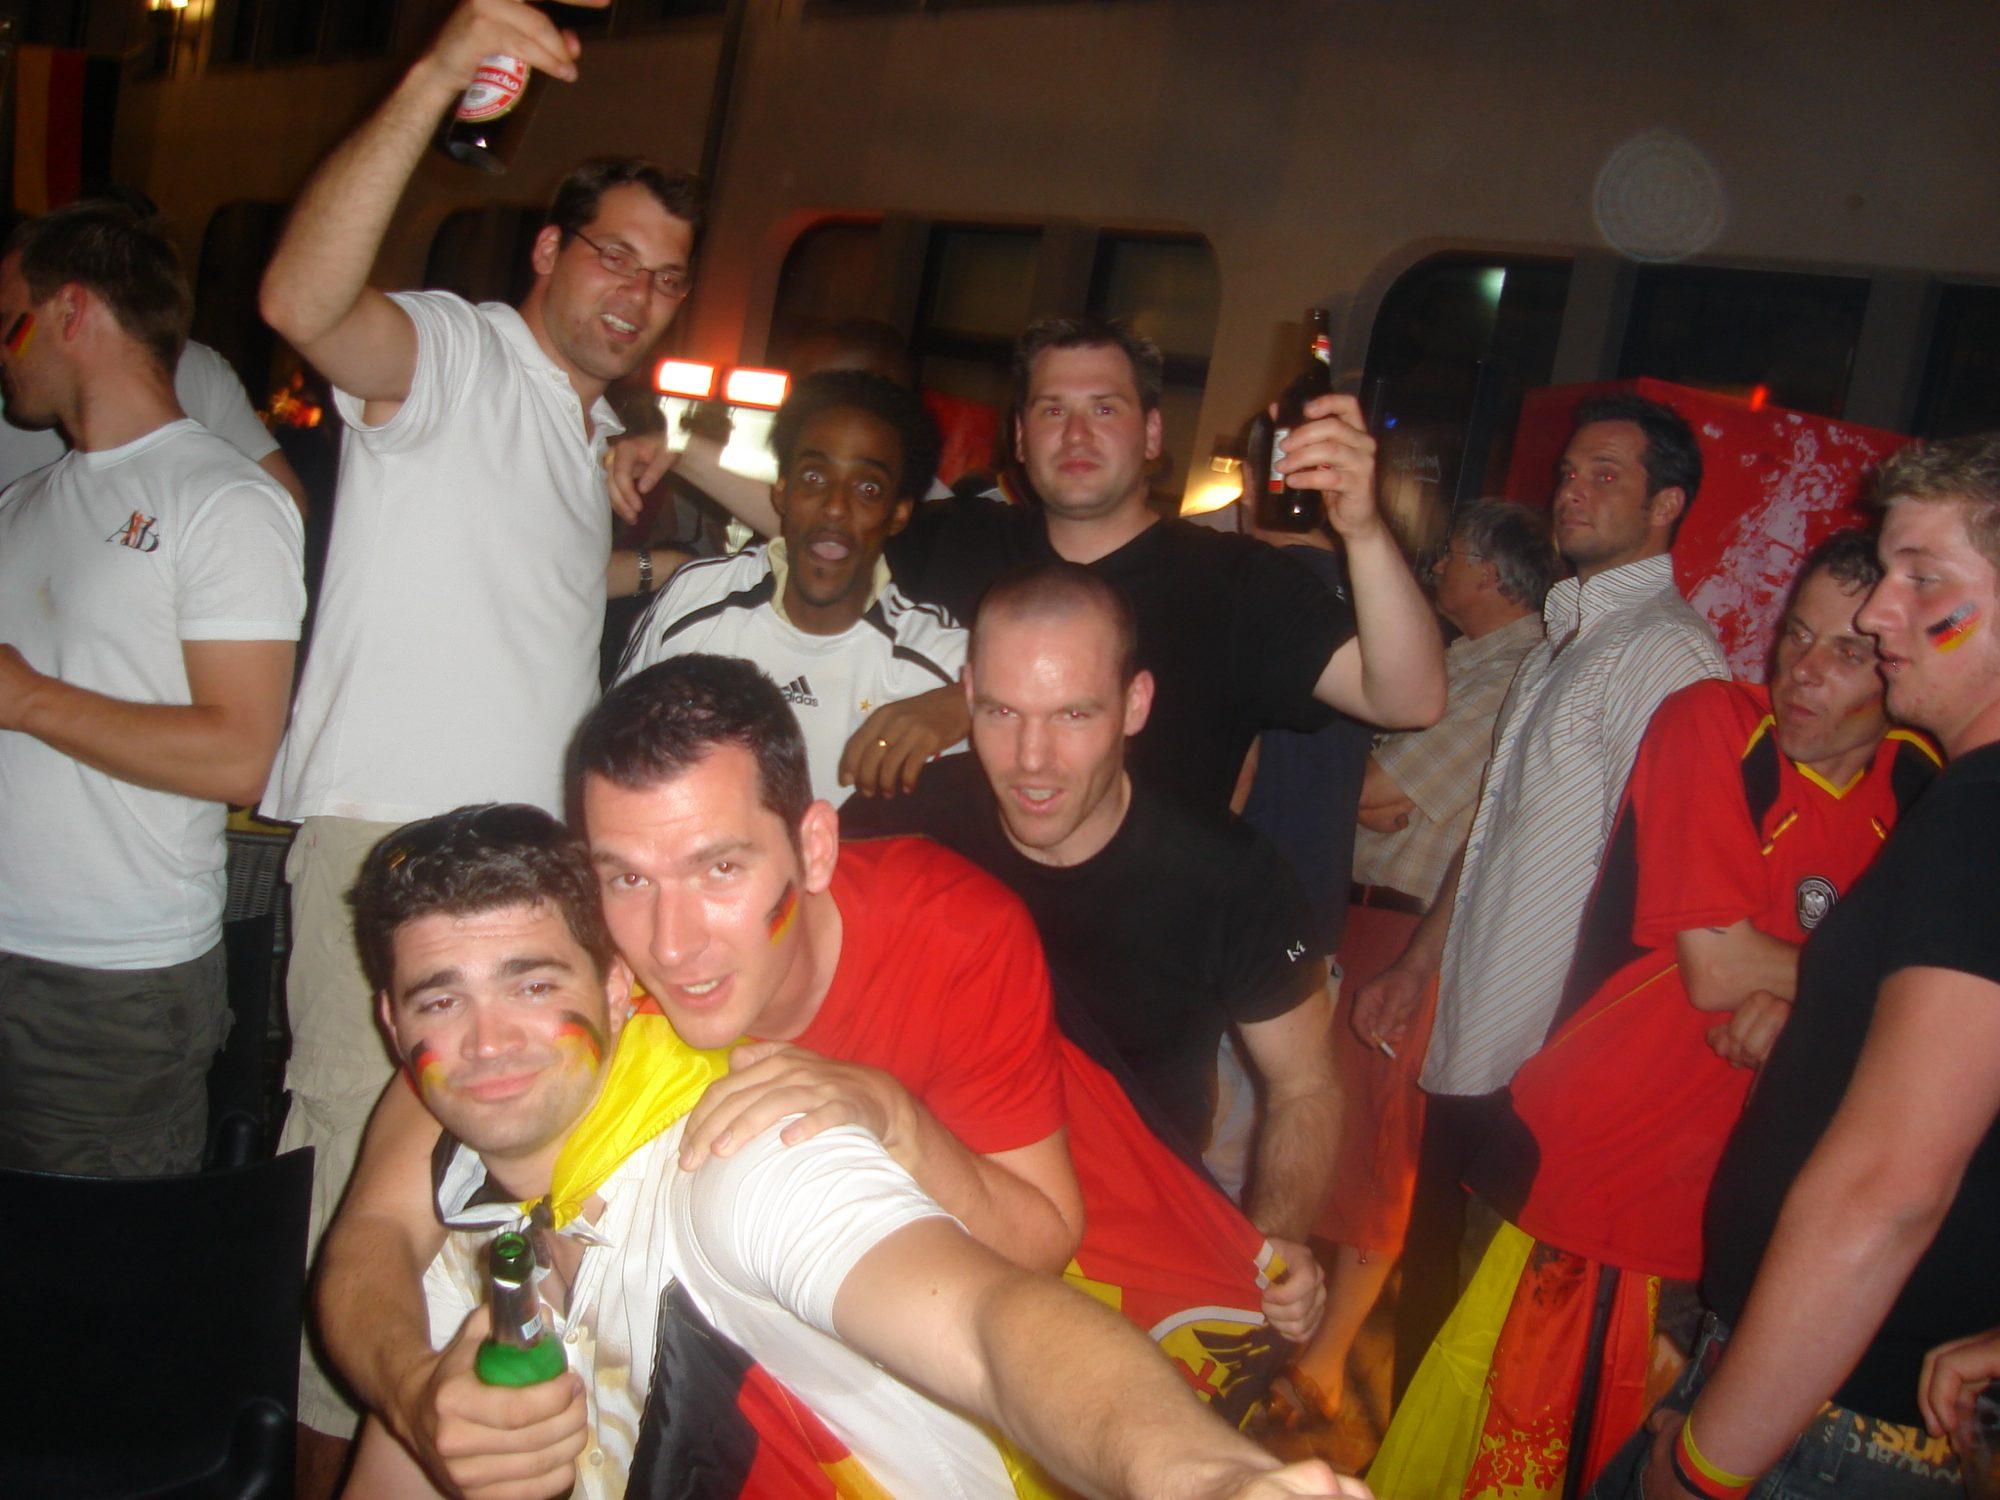 Vor dem Anpfiff des Halbfinales der WM 2006 in Deutschland. Jan, Thommas, Mort und Thilo.